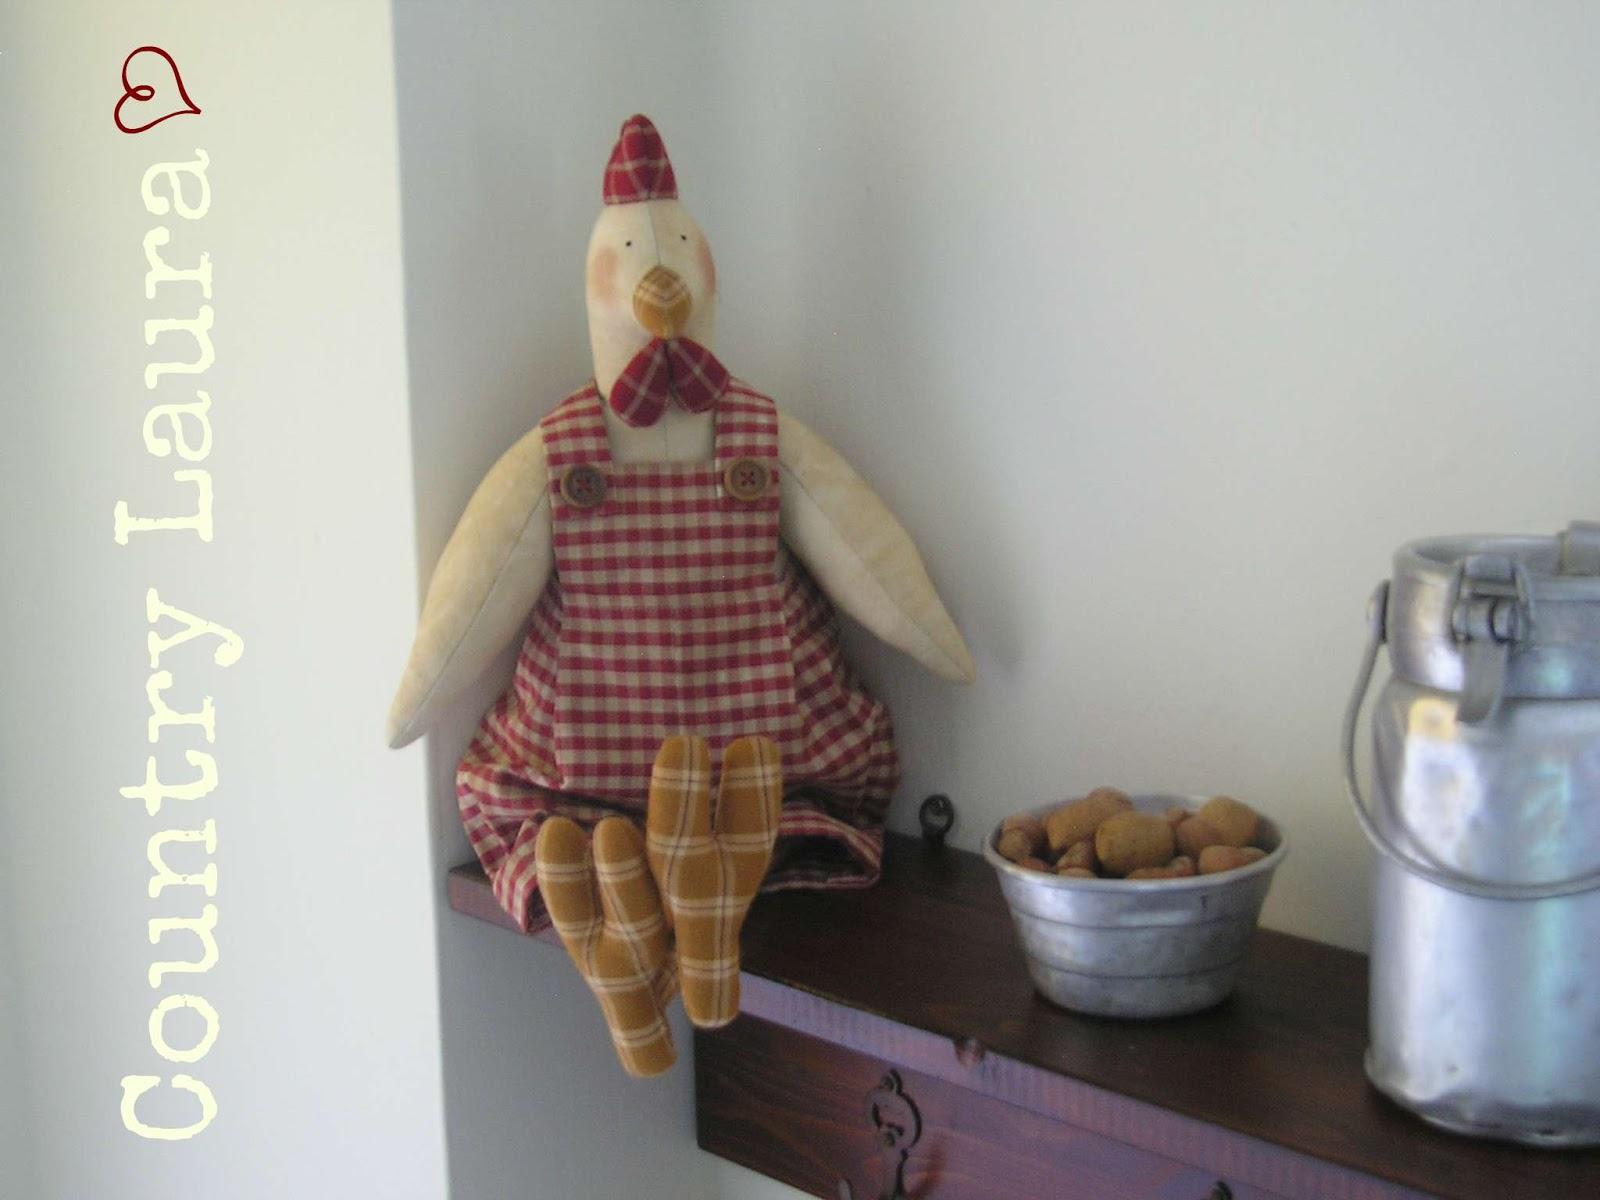 Country laura ed ecco le mensole della mia cucina - Mensole cucina country ...